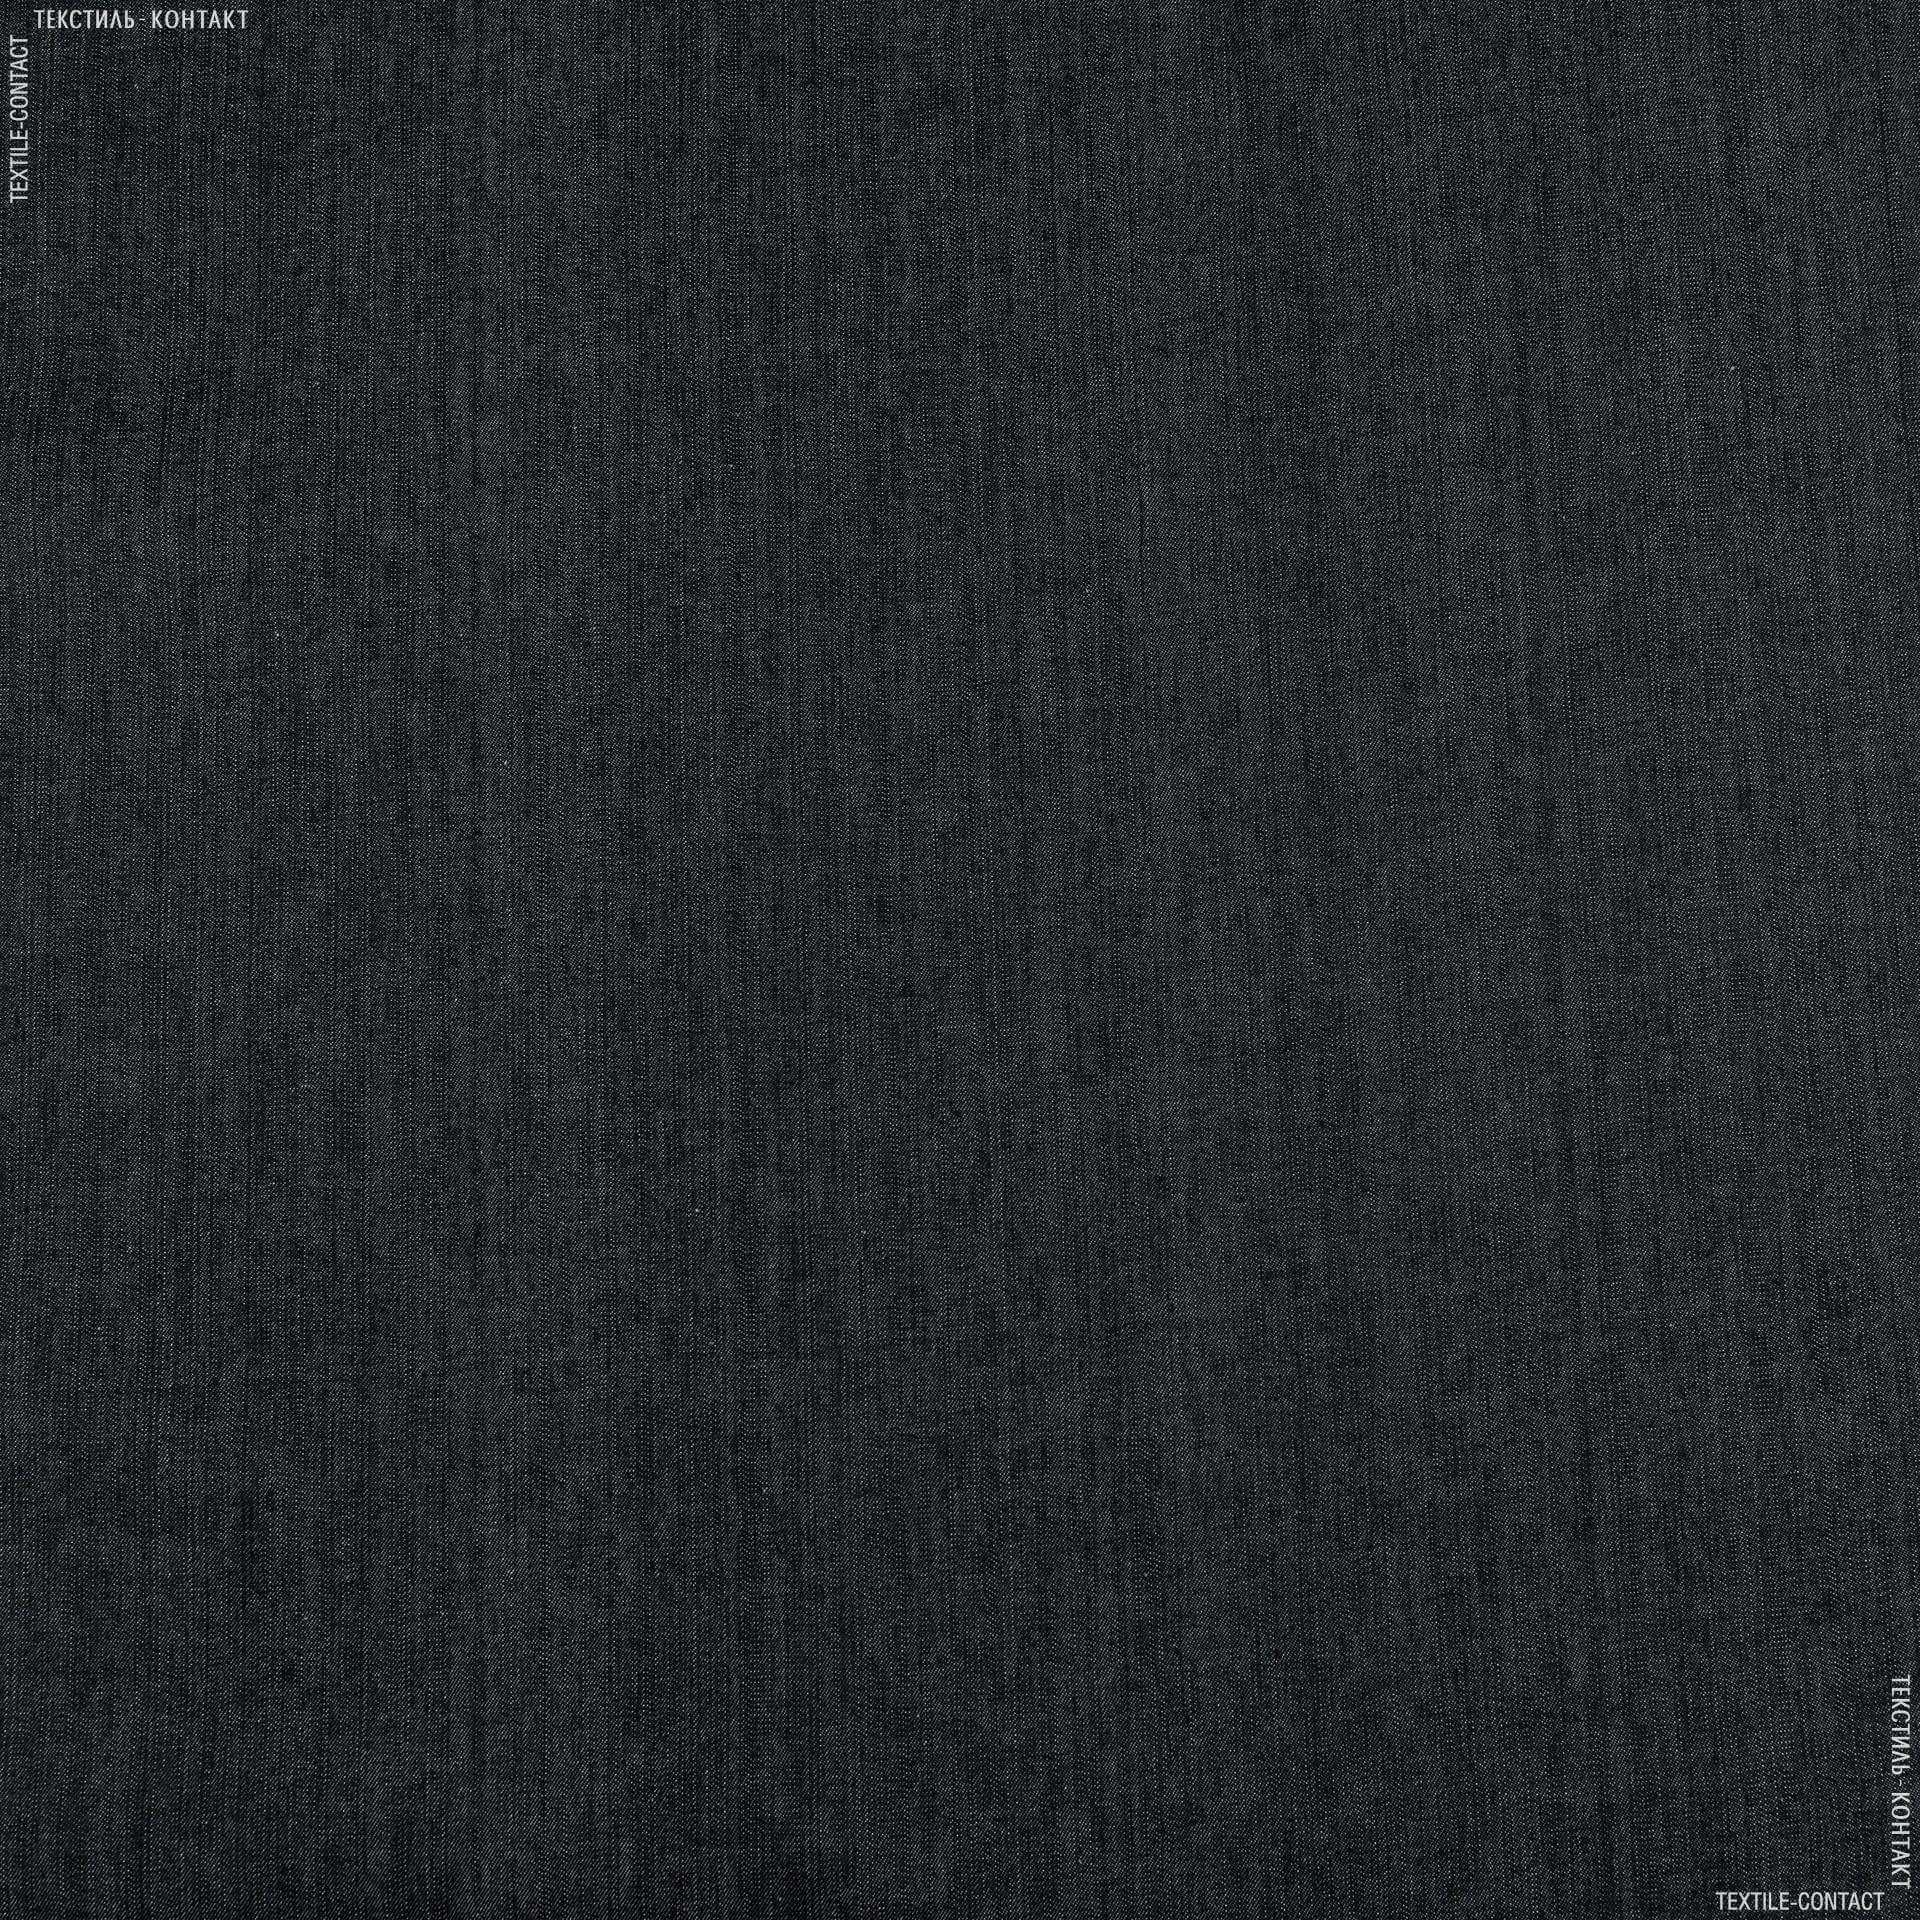 Ткани для спецодежды - Джинс темно-синий